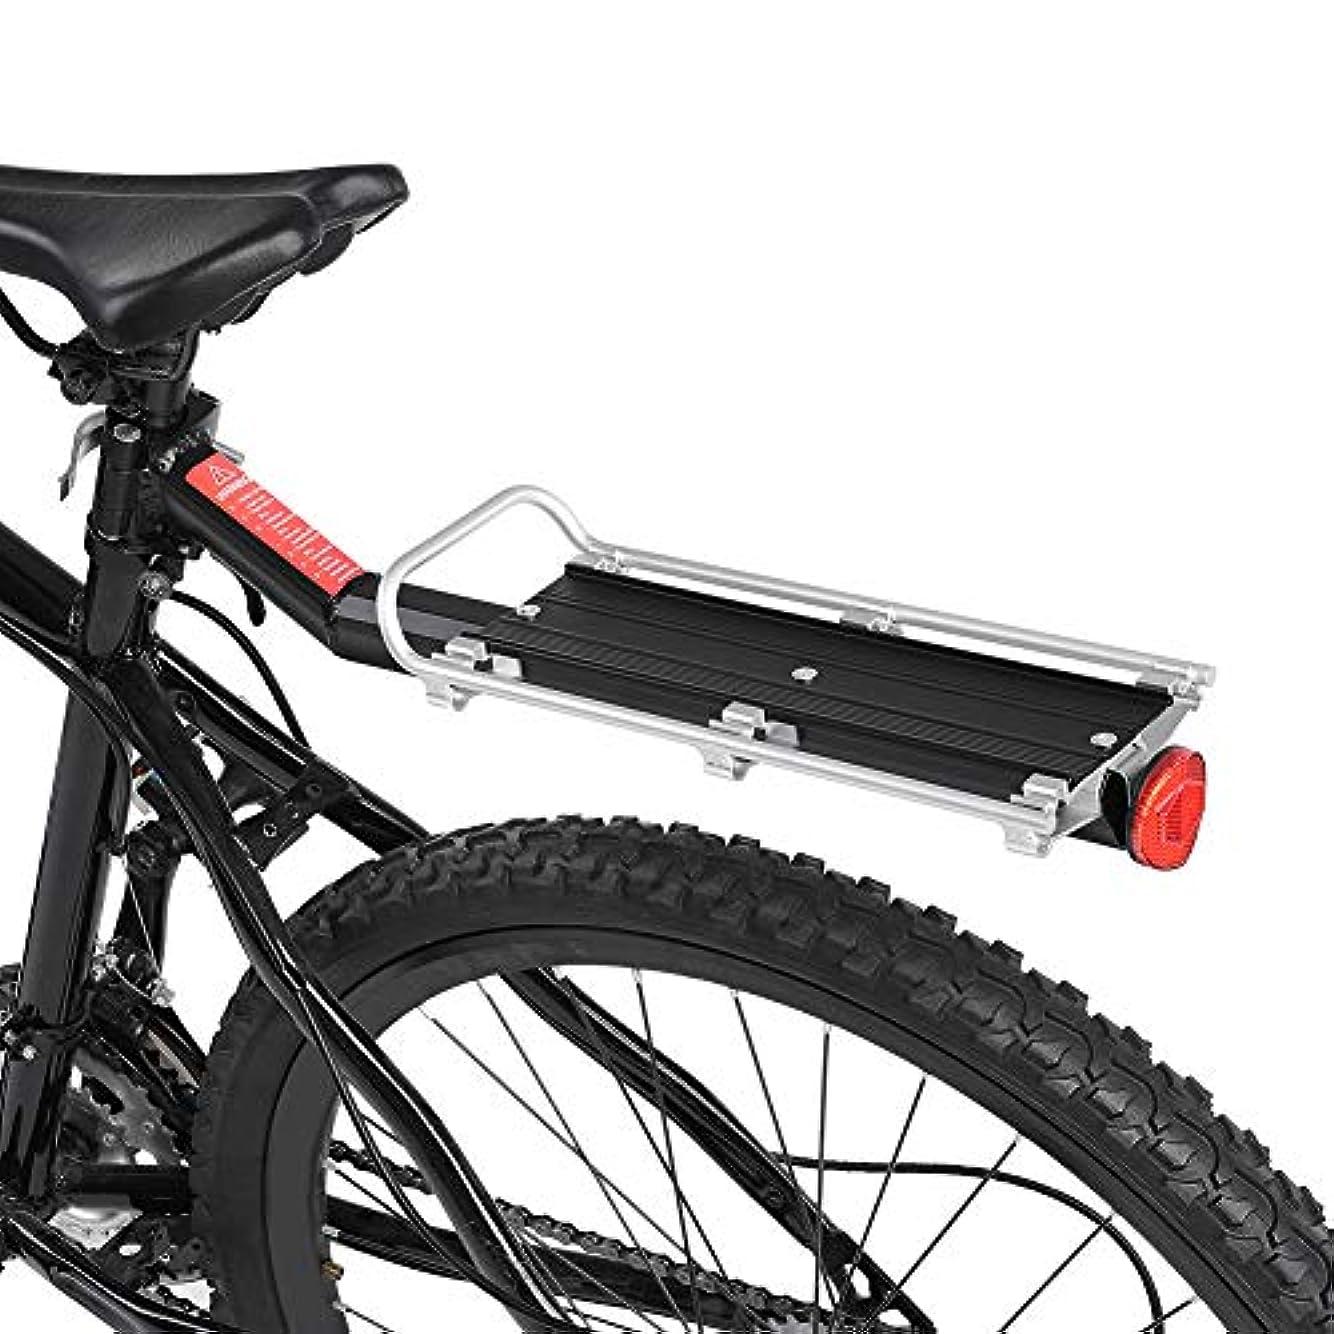 作成者凍結損失バイクラック マウンテンバイク&自転車カーゴラック クイックリリース 後部 カーゴシェルフ リアラック テールストック 軽量 取付け簡単 最大耐荷 60kg 2色 ブラック/シルバー